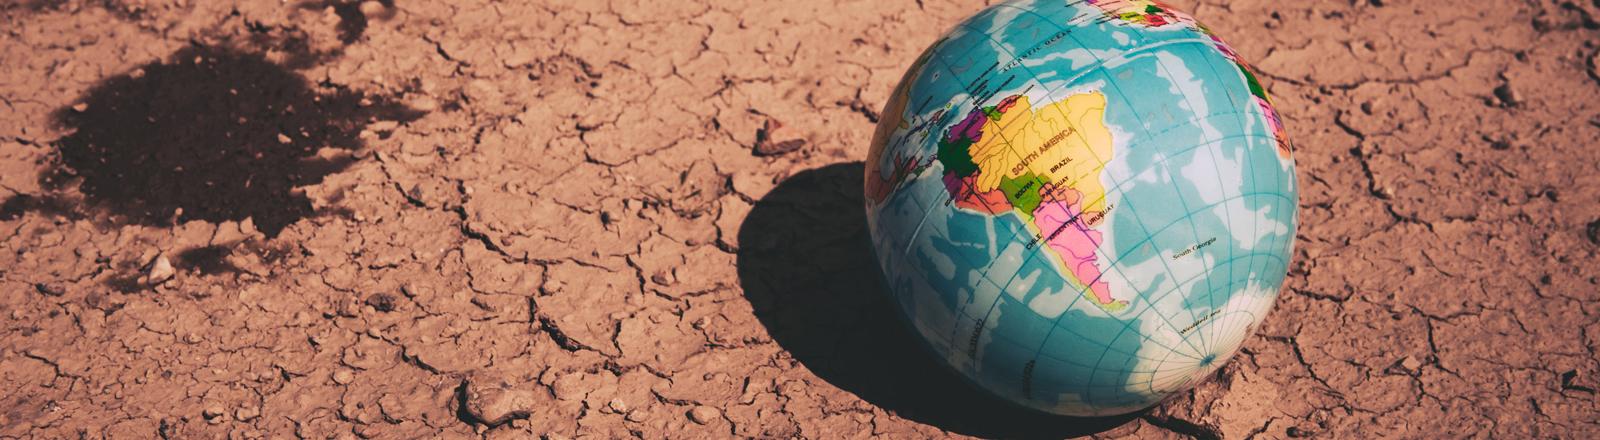 Ein Globus liegt auf trockener Erde.